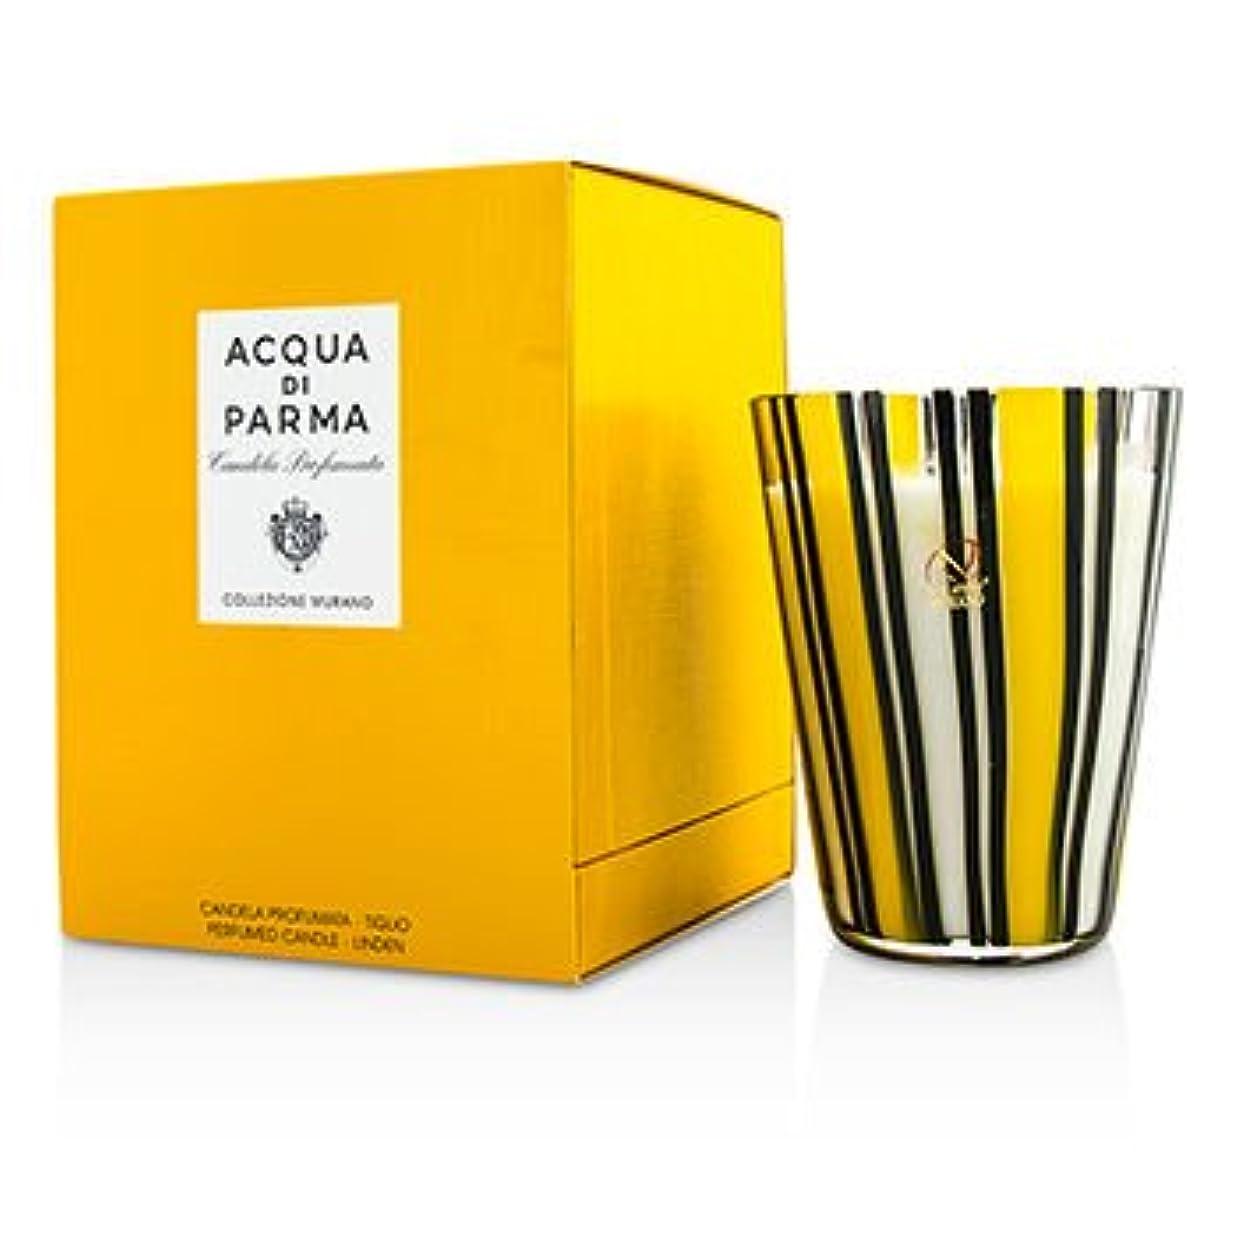 難しい愛国的な作成する[Acqua Di Parma] Murano Glass Perfumed Candle - Tiglio (Linen) 200g/7.05oz